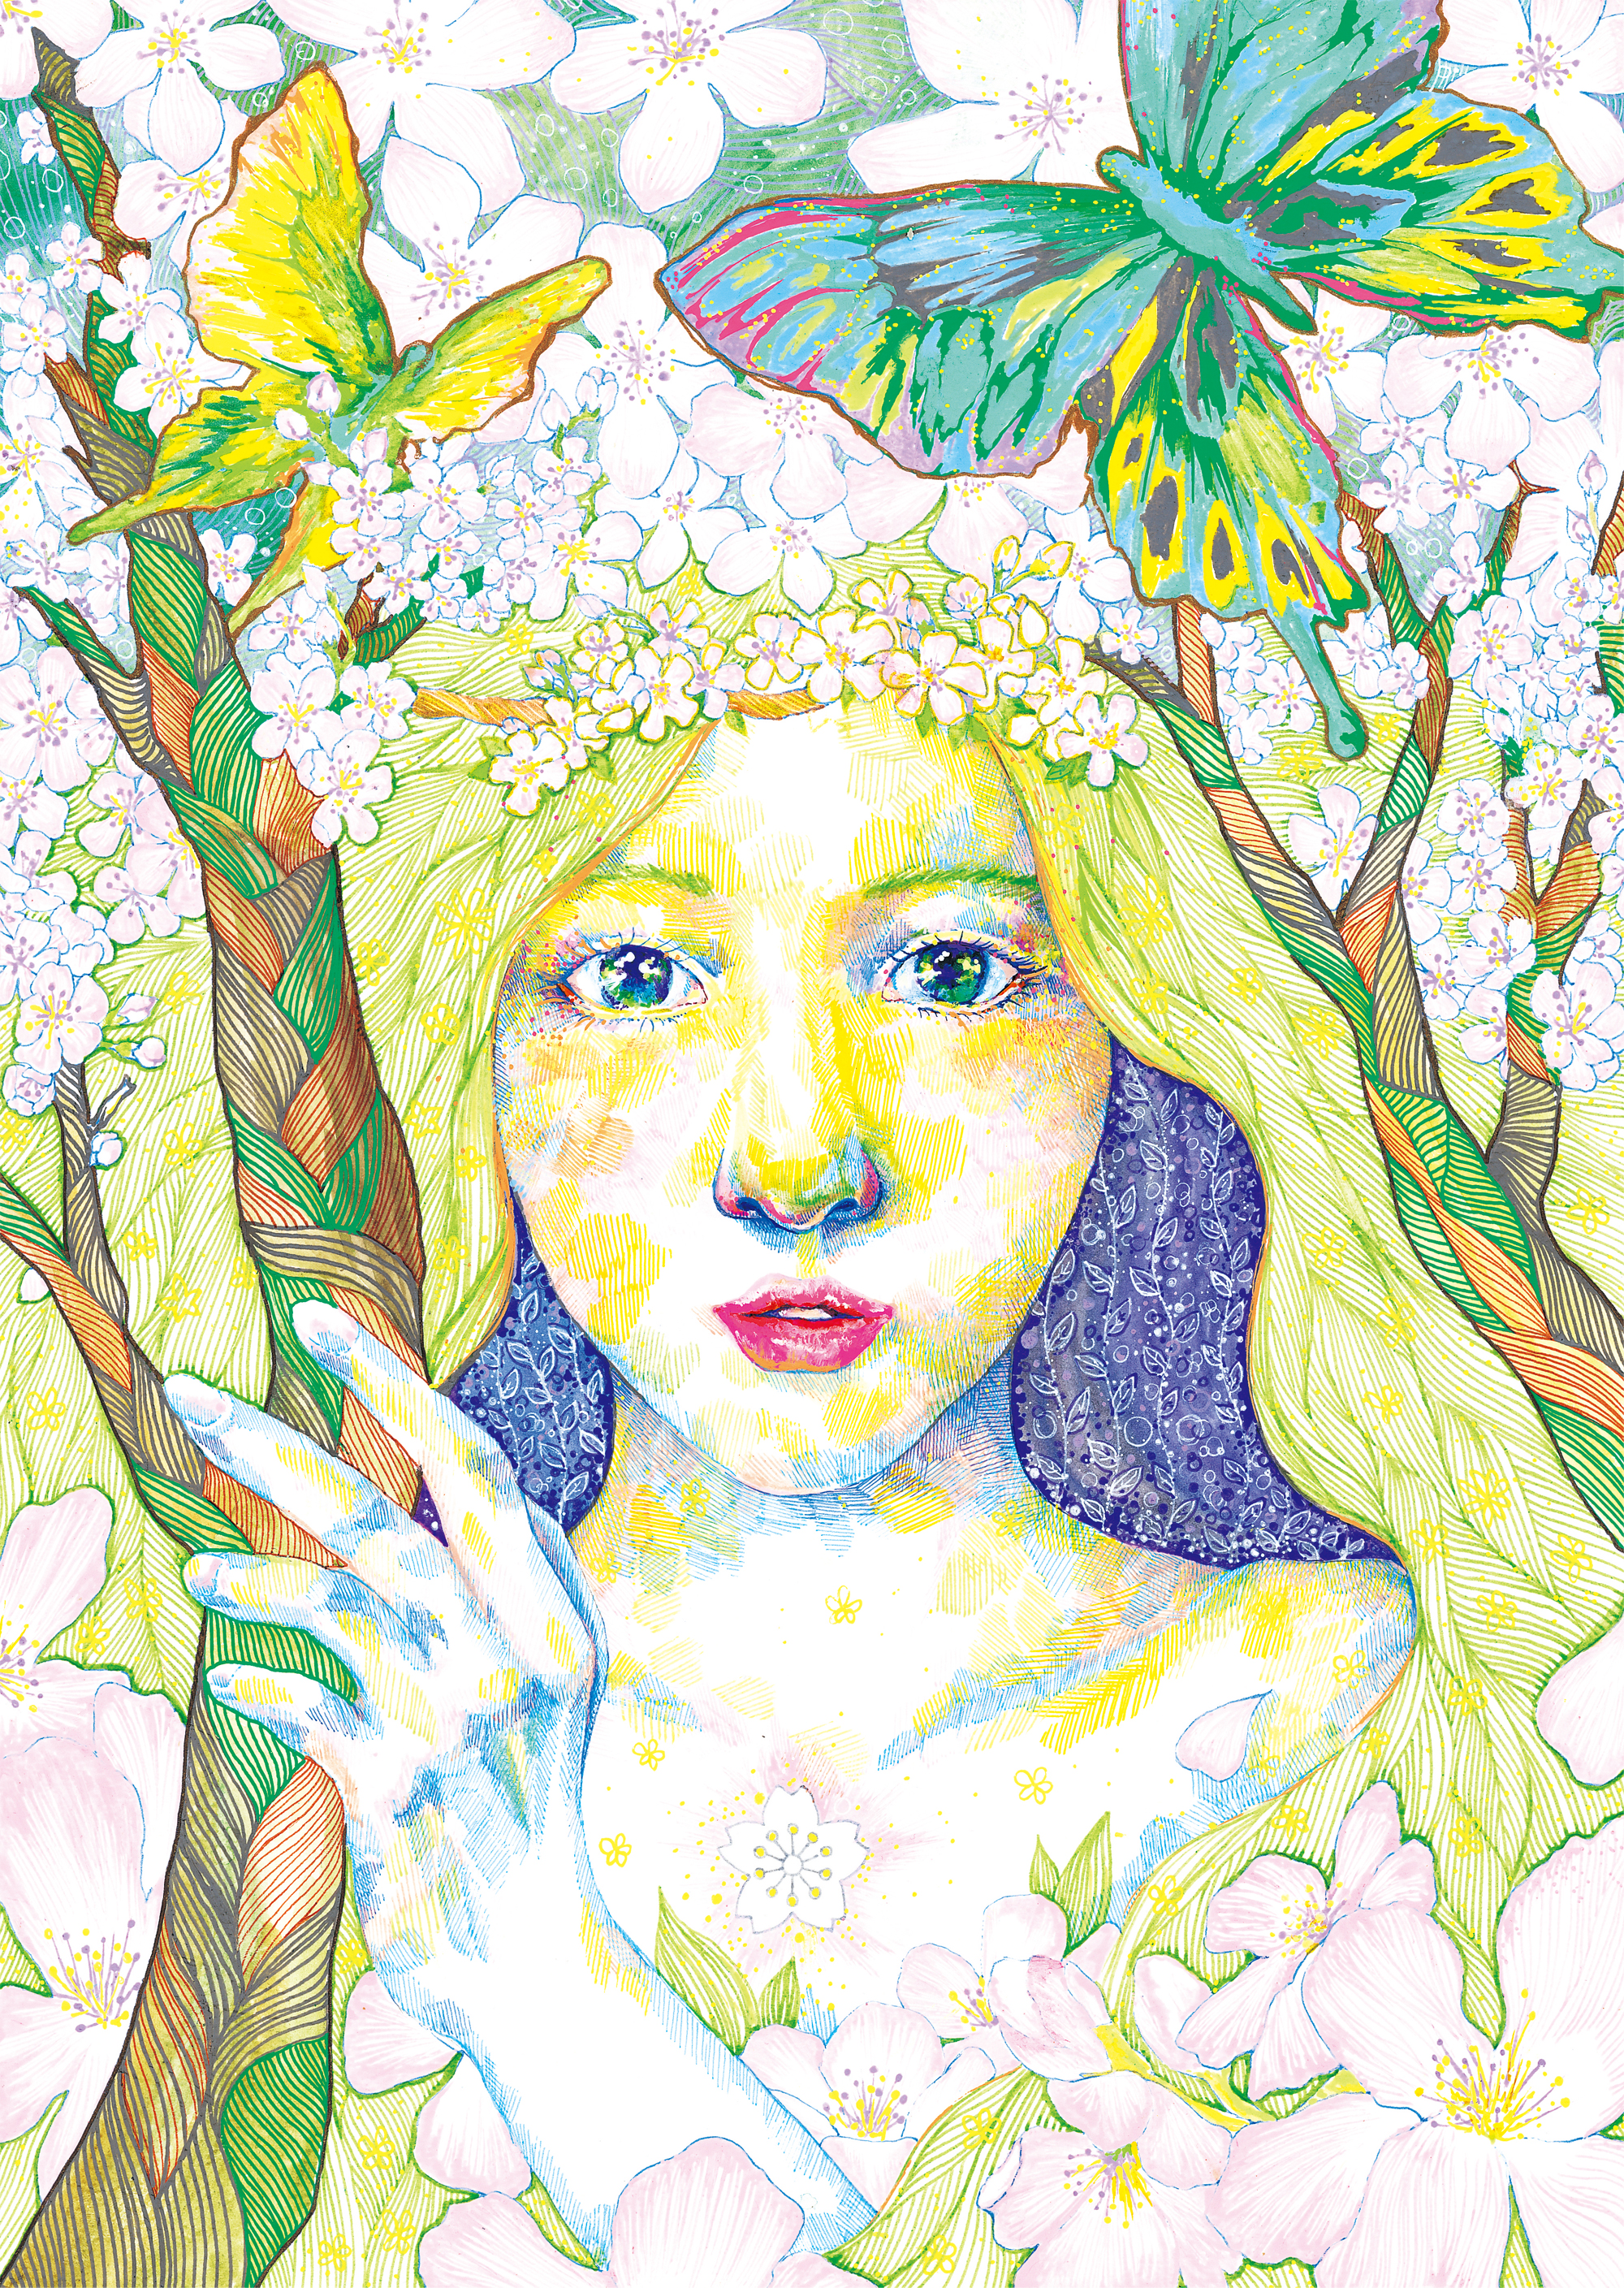 Goddess of Cherry Blossom